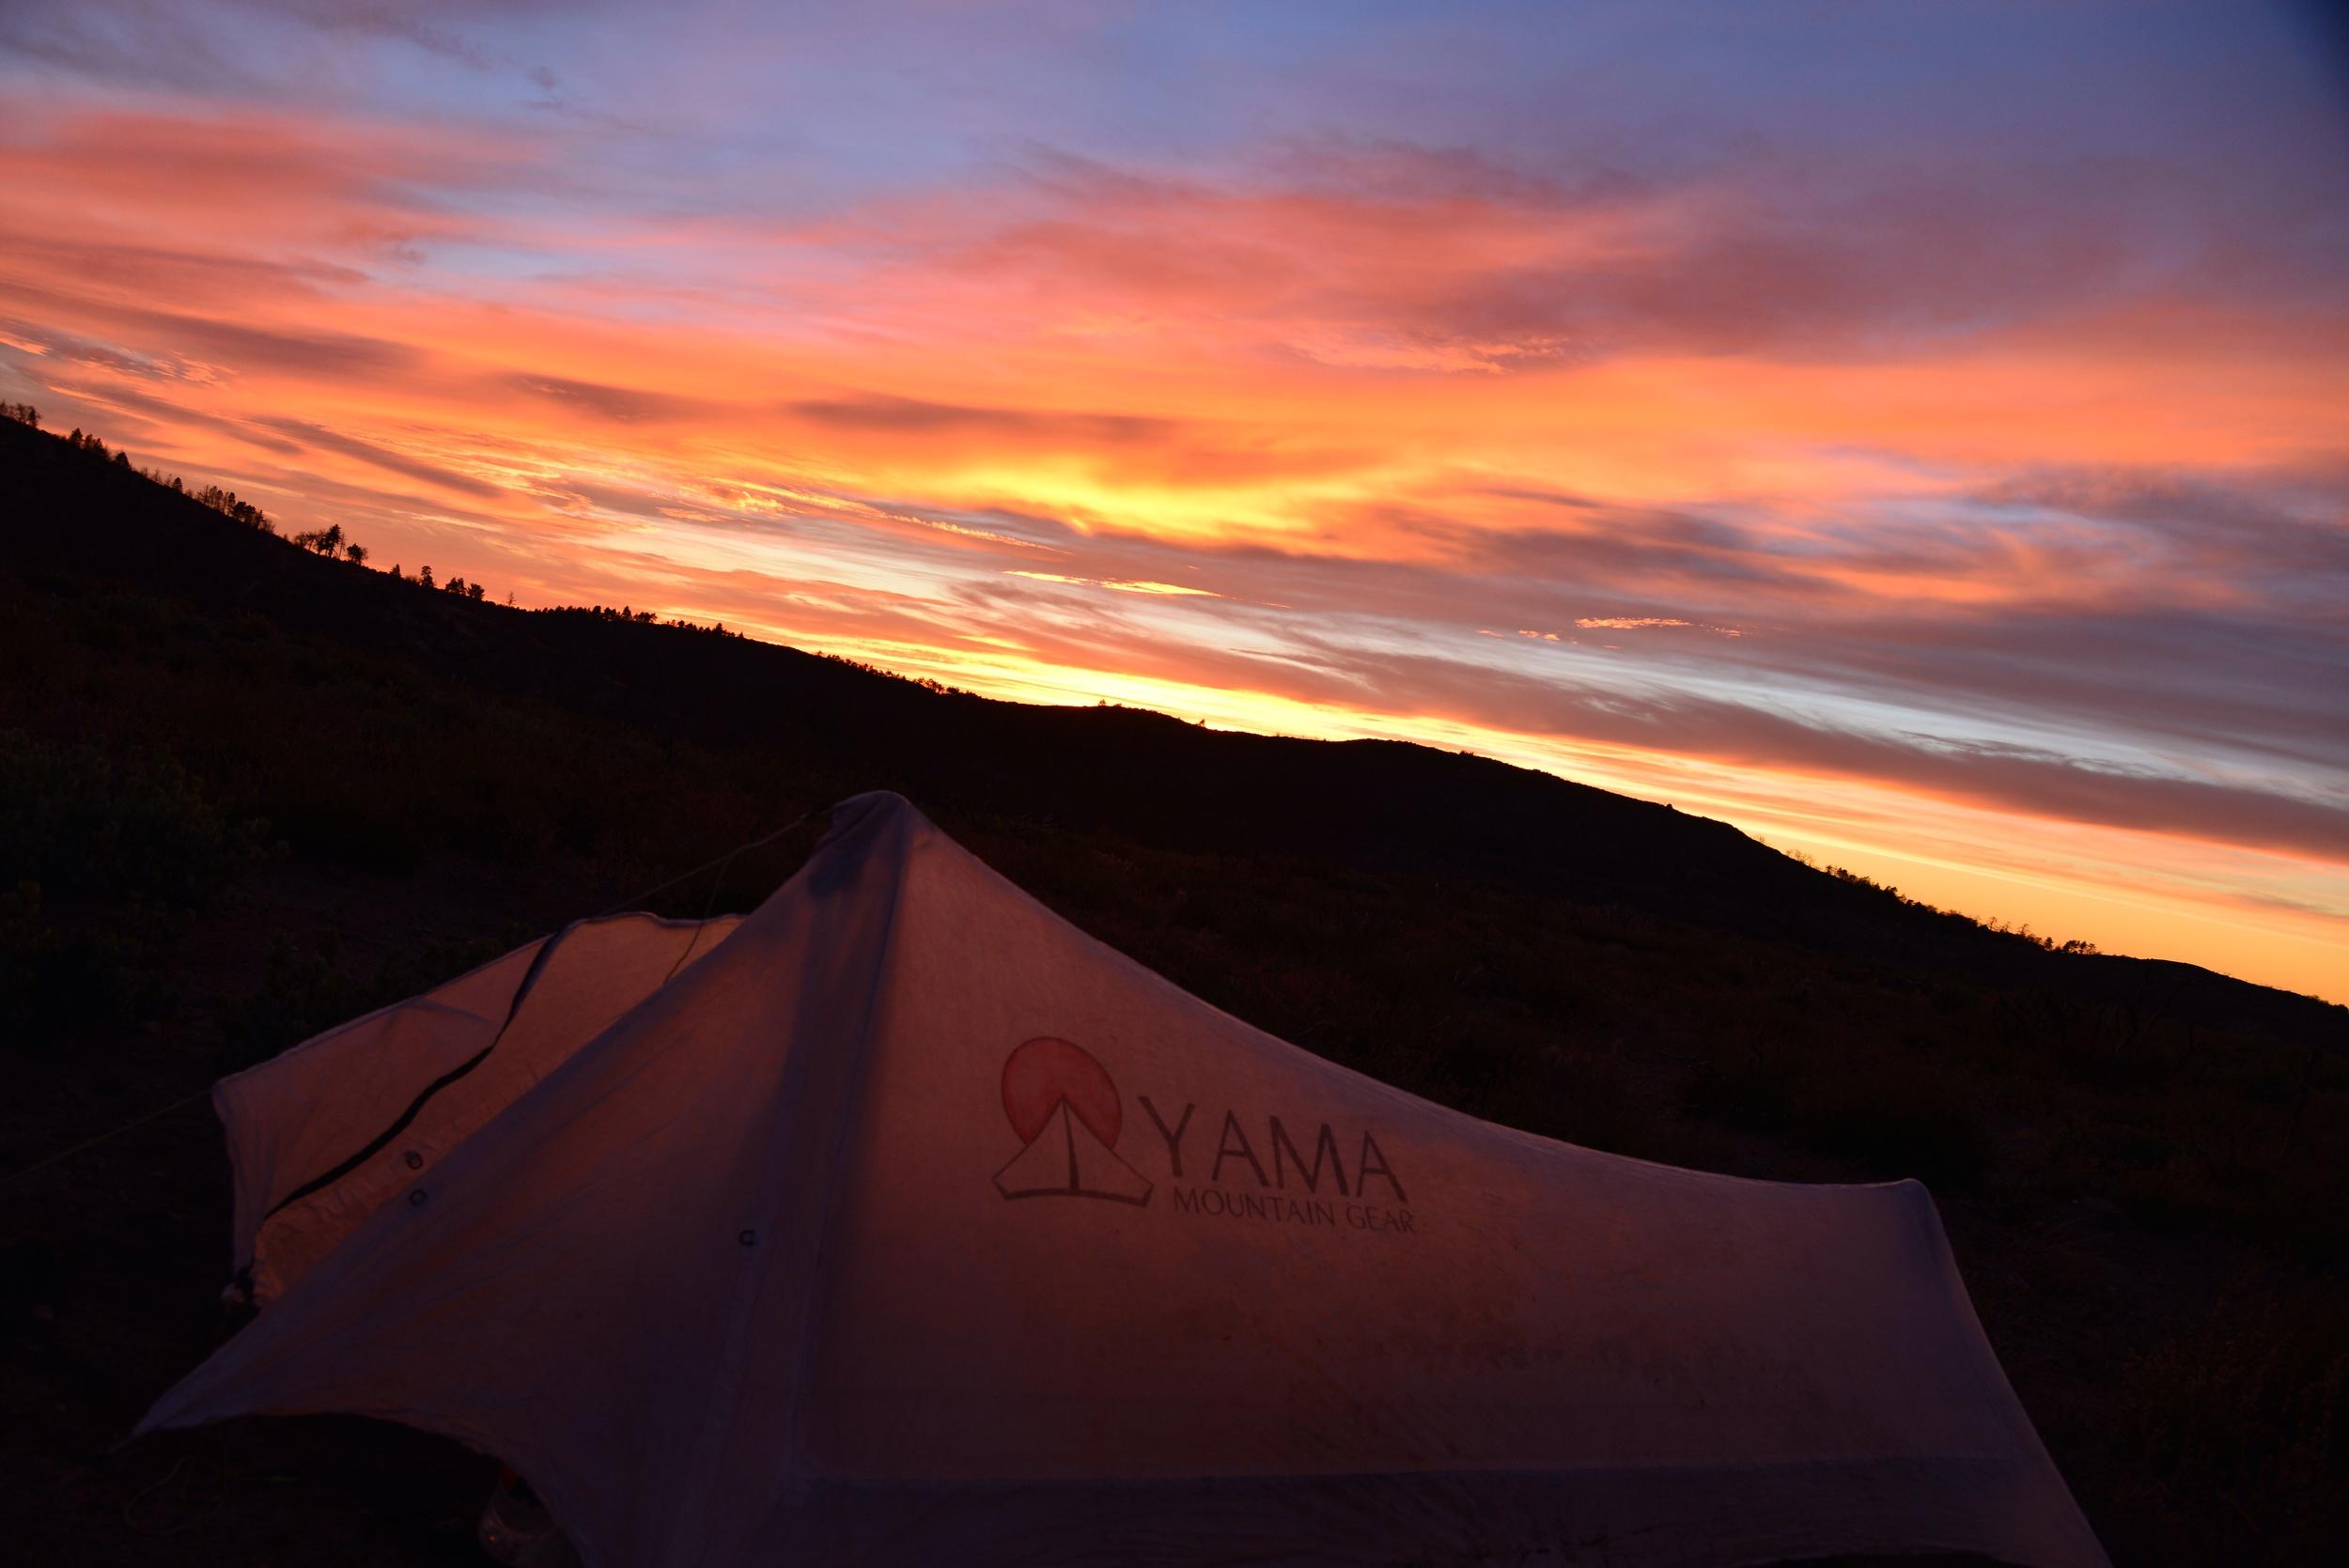 Best home ever! Yama Mountain Gear's 15.5 oz cuben cirriform tent